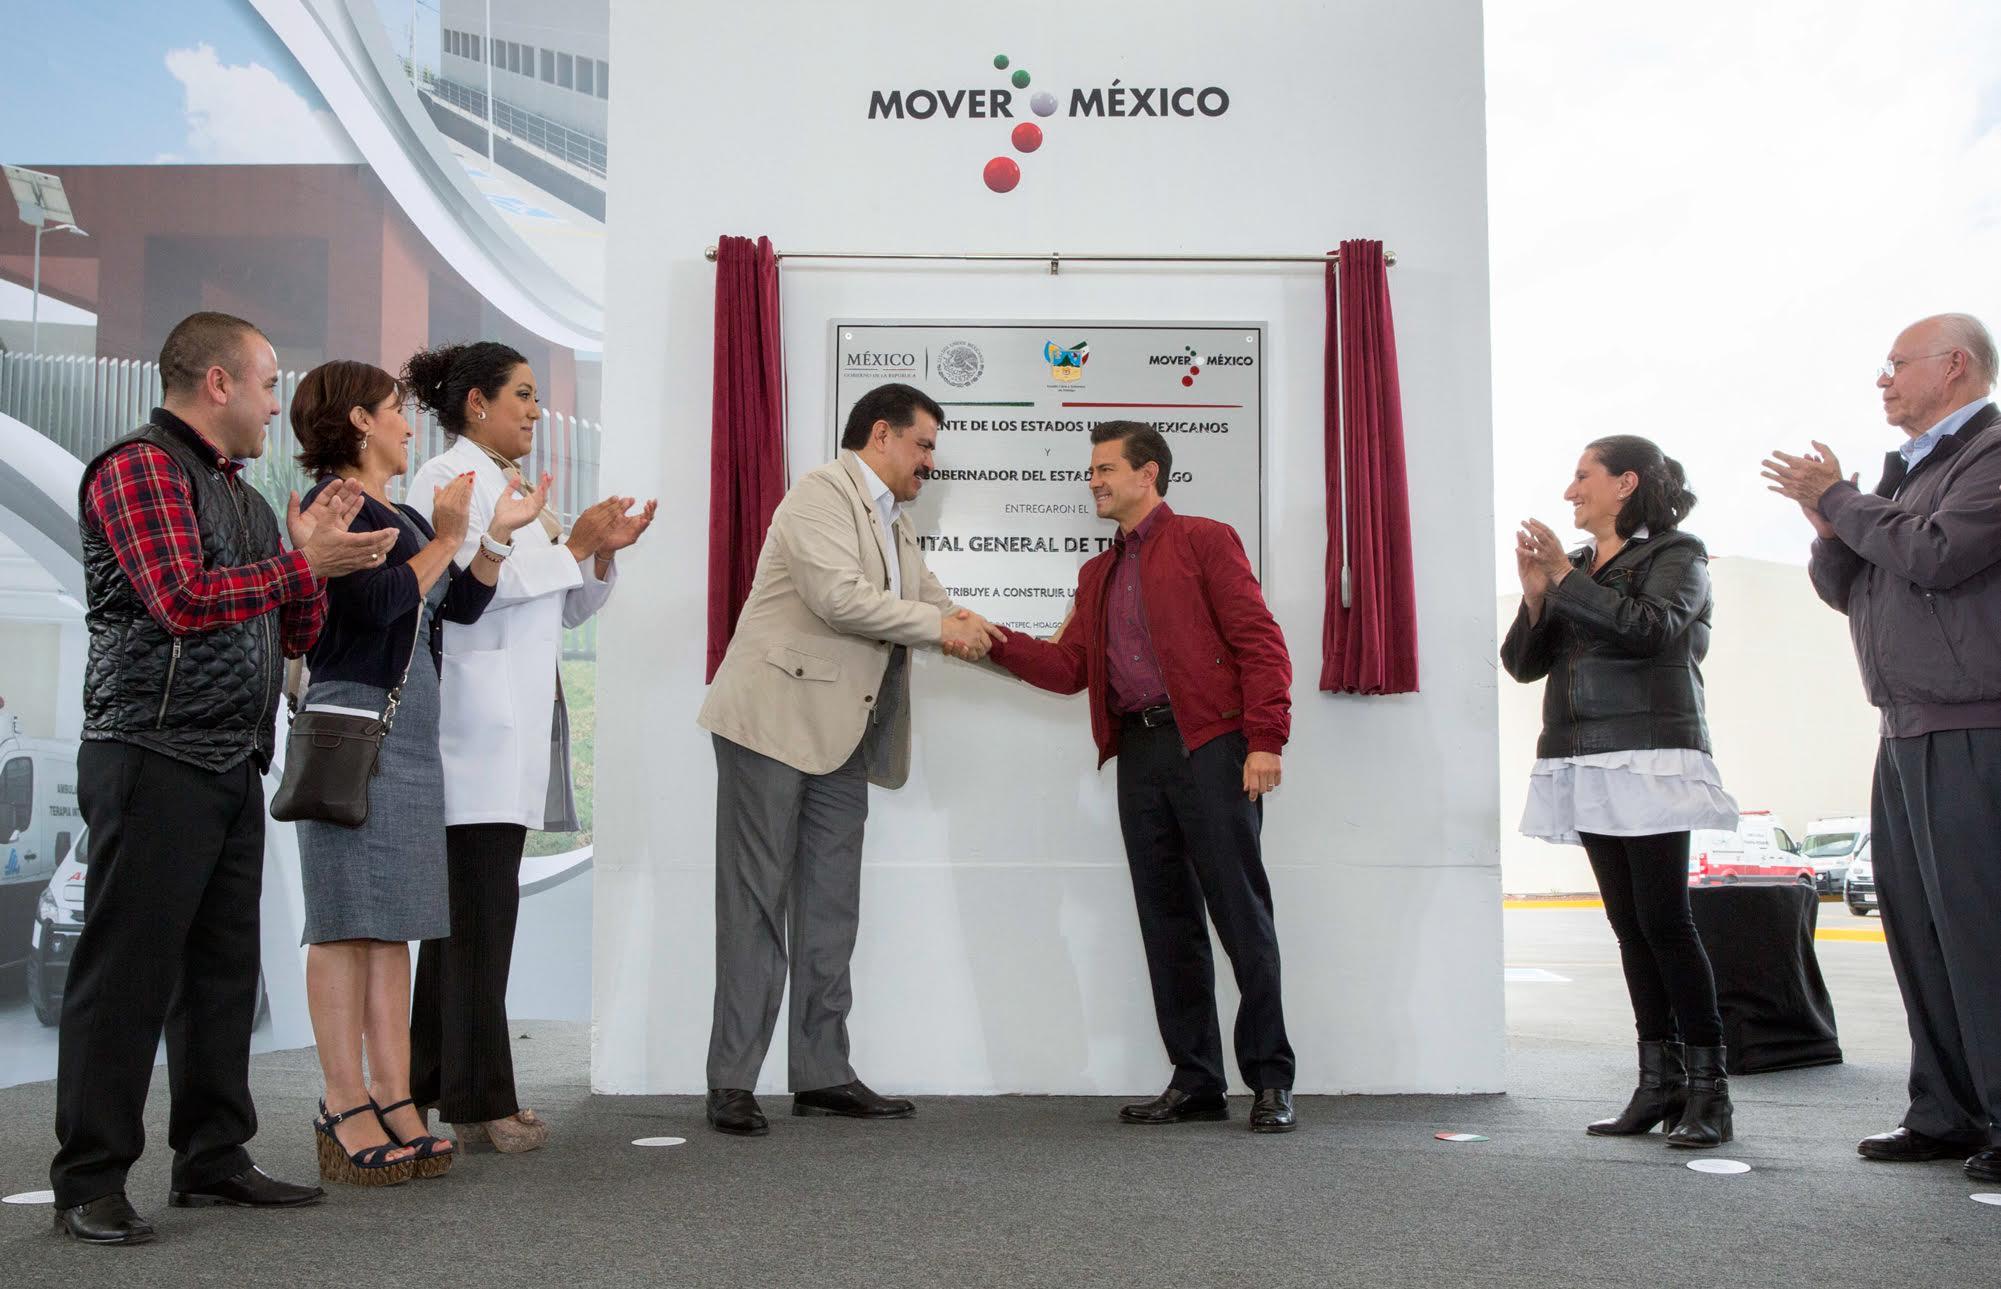 El Primer Mandatario devela la placa de inauguración del Hospital General de Tulancingo, Hidalgo.